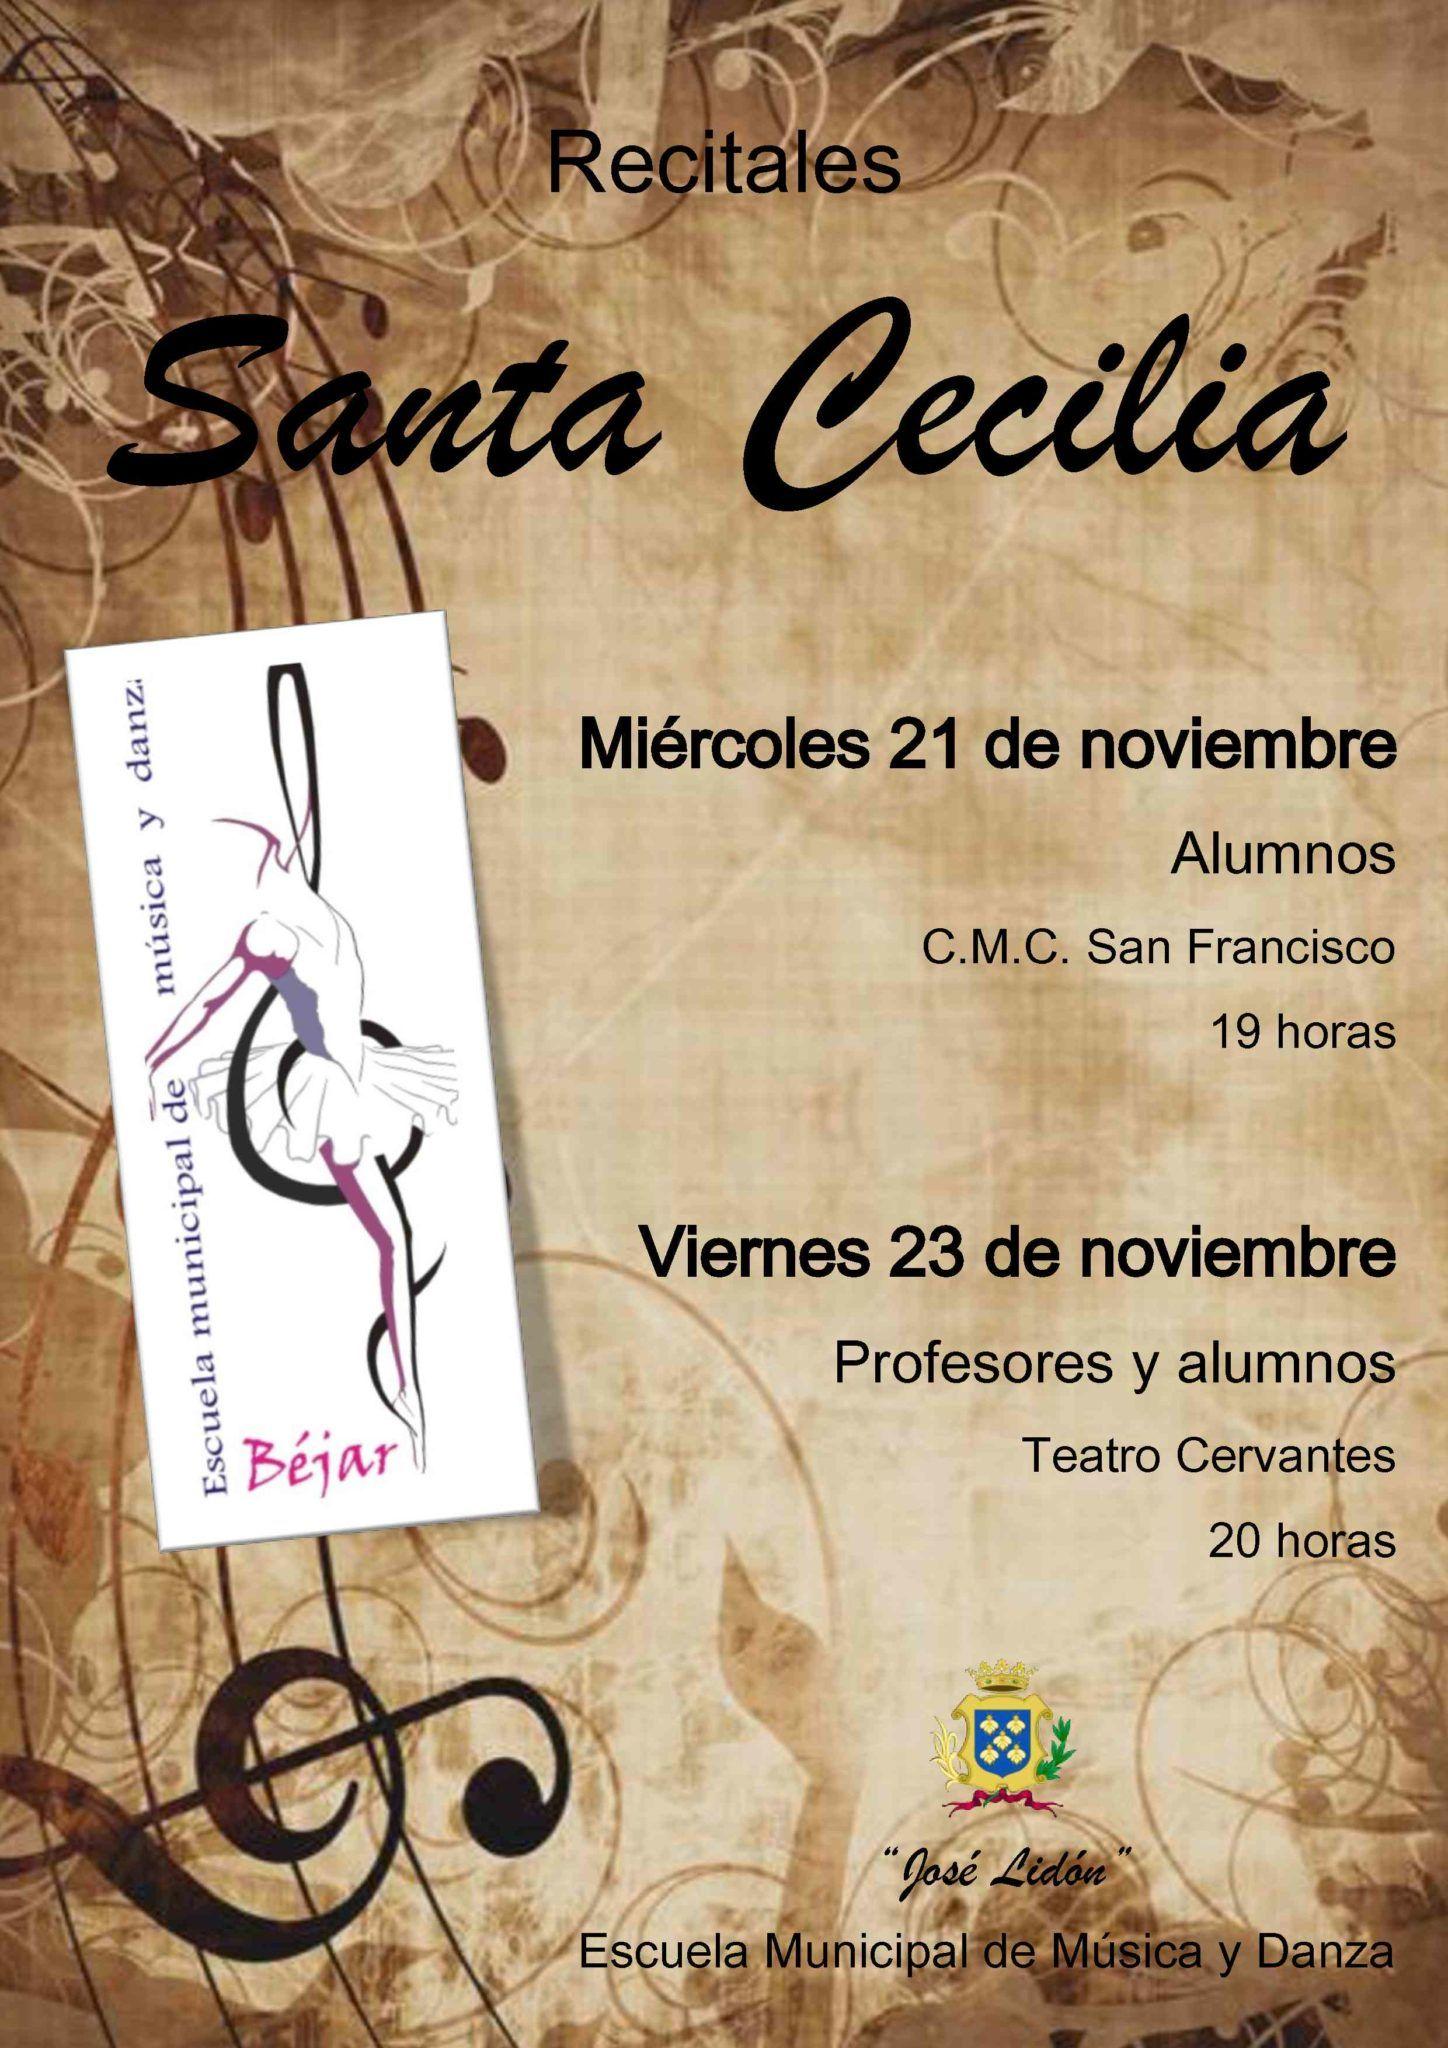 """La Escuela Municipal de Música y Danza """"José Lidón"""" de Béjar celebrará Santa Cecilia con dos actuaciones"""